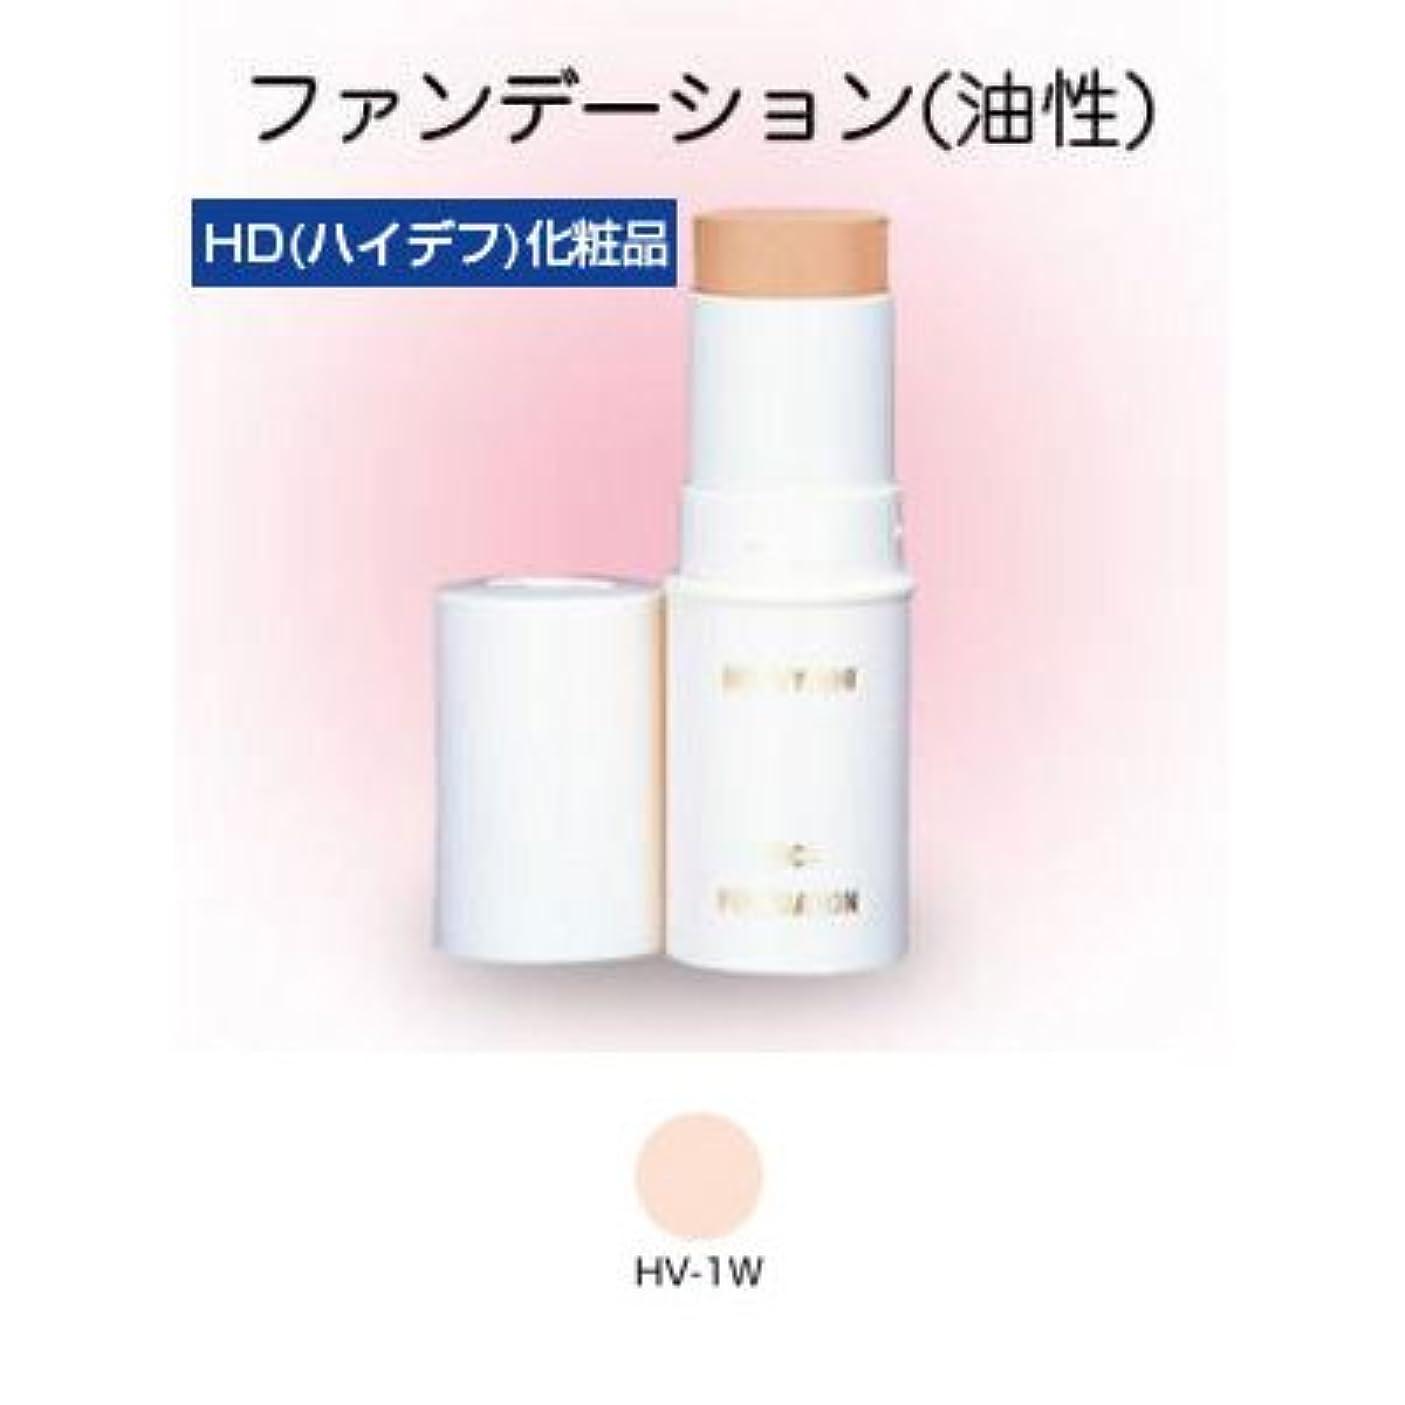 ロデオ請求書差別するスティックファンデーション HD化粧品 17g 1W 【三善】